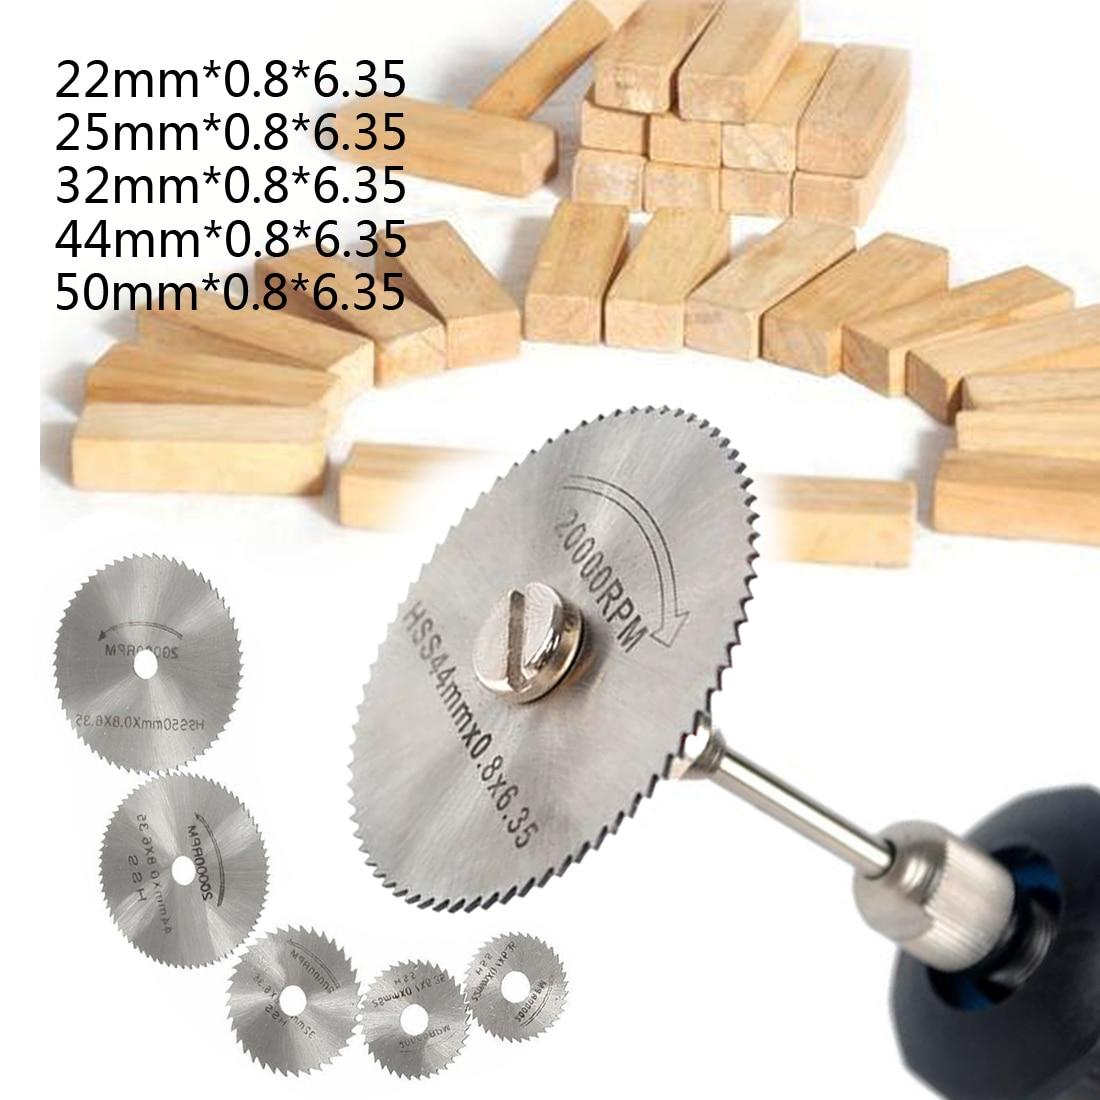 цена на HSS Mini Saw Oscillating tool Circular Saw Blades Cutting Discs Mandrel Cut off Cutter Power Tools Dremel Accessories